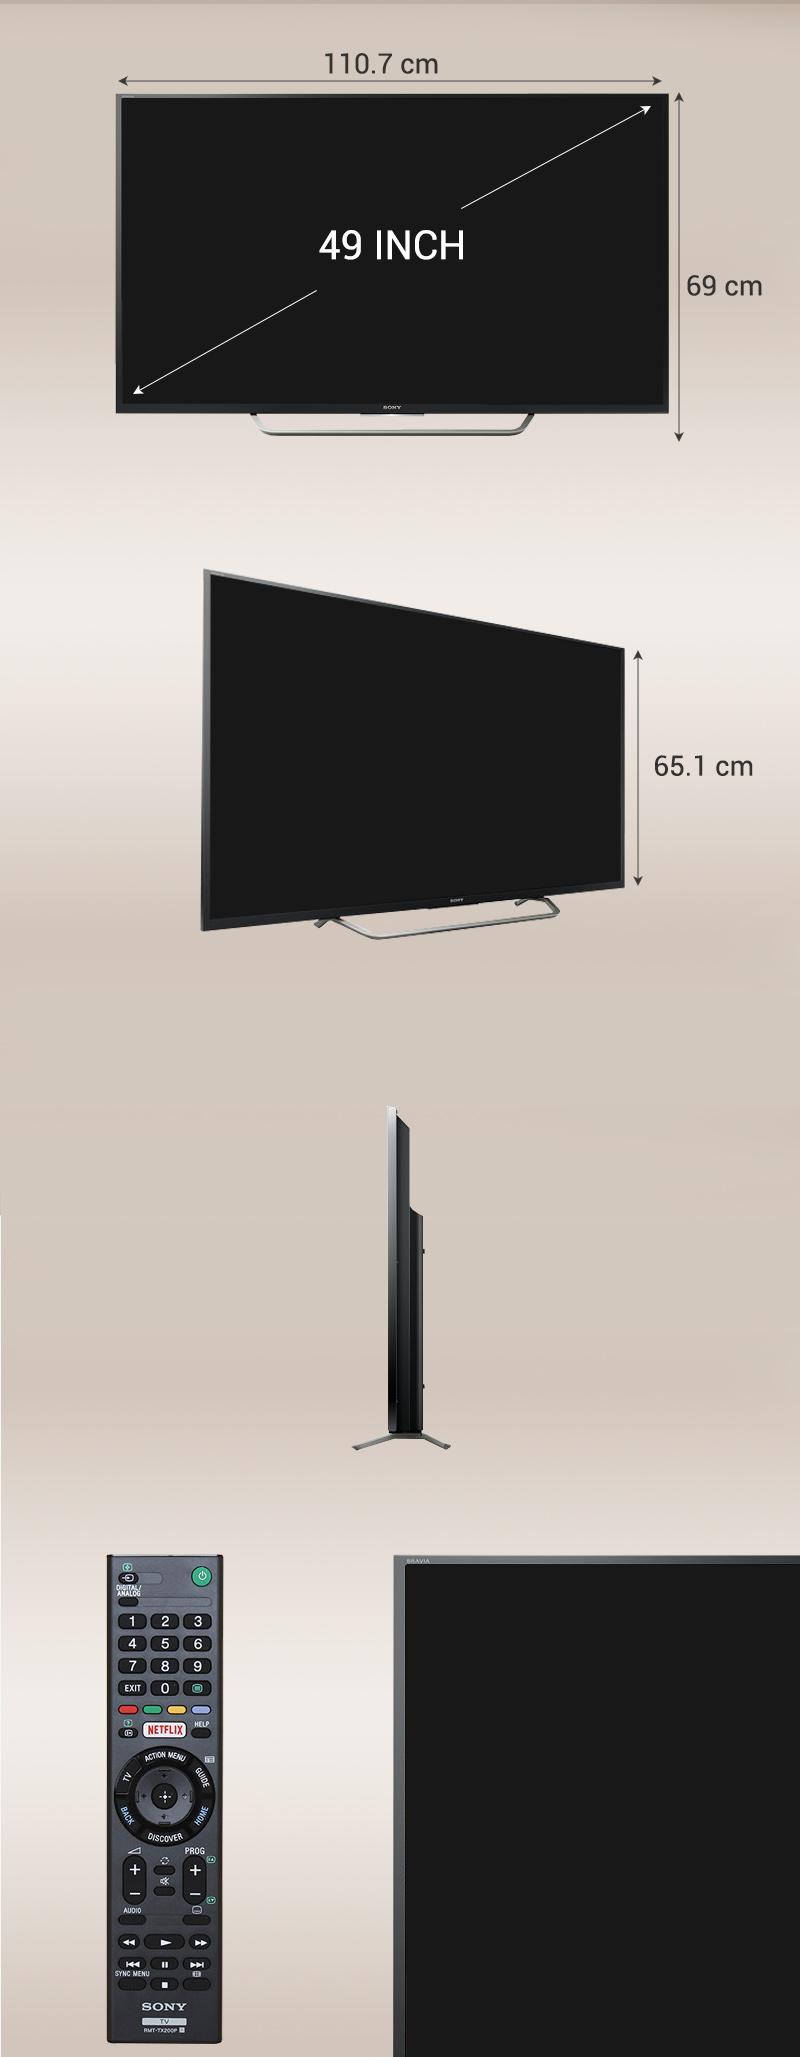 Android Tivi Sony 49 inch KD-49X7000D - Kích thước tivi